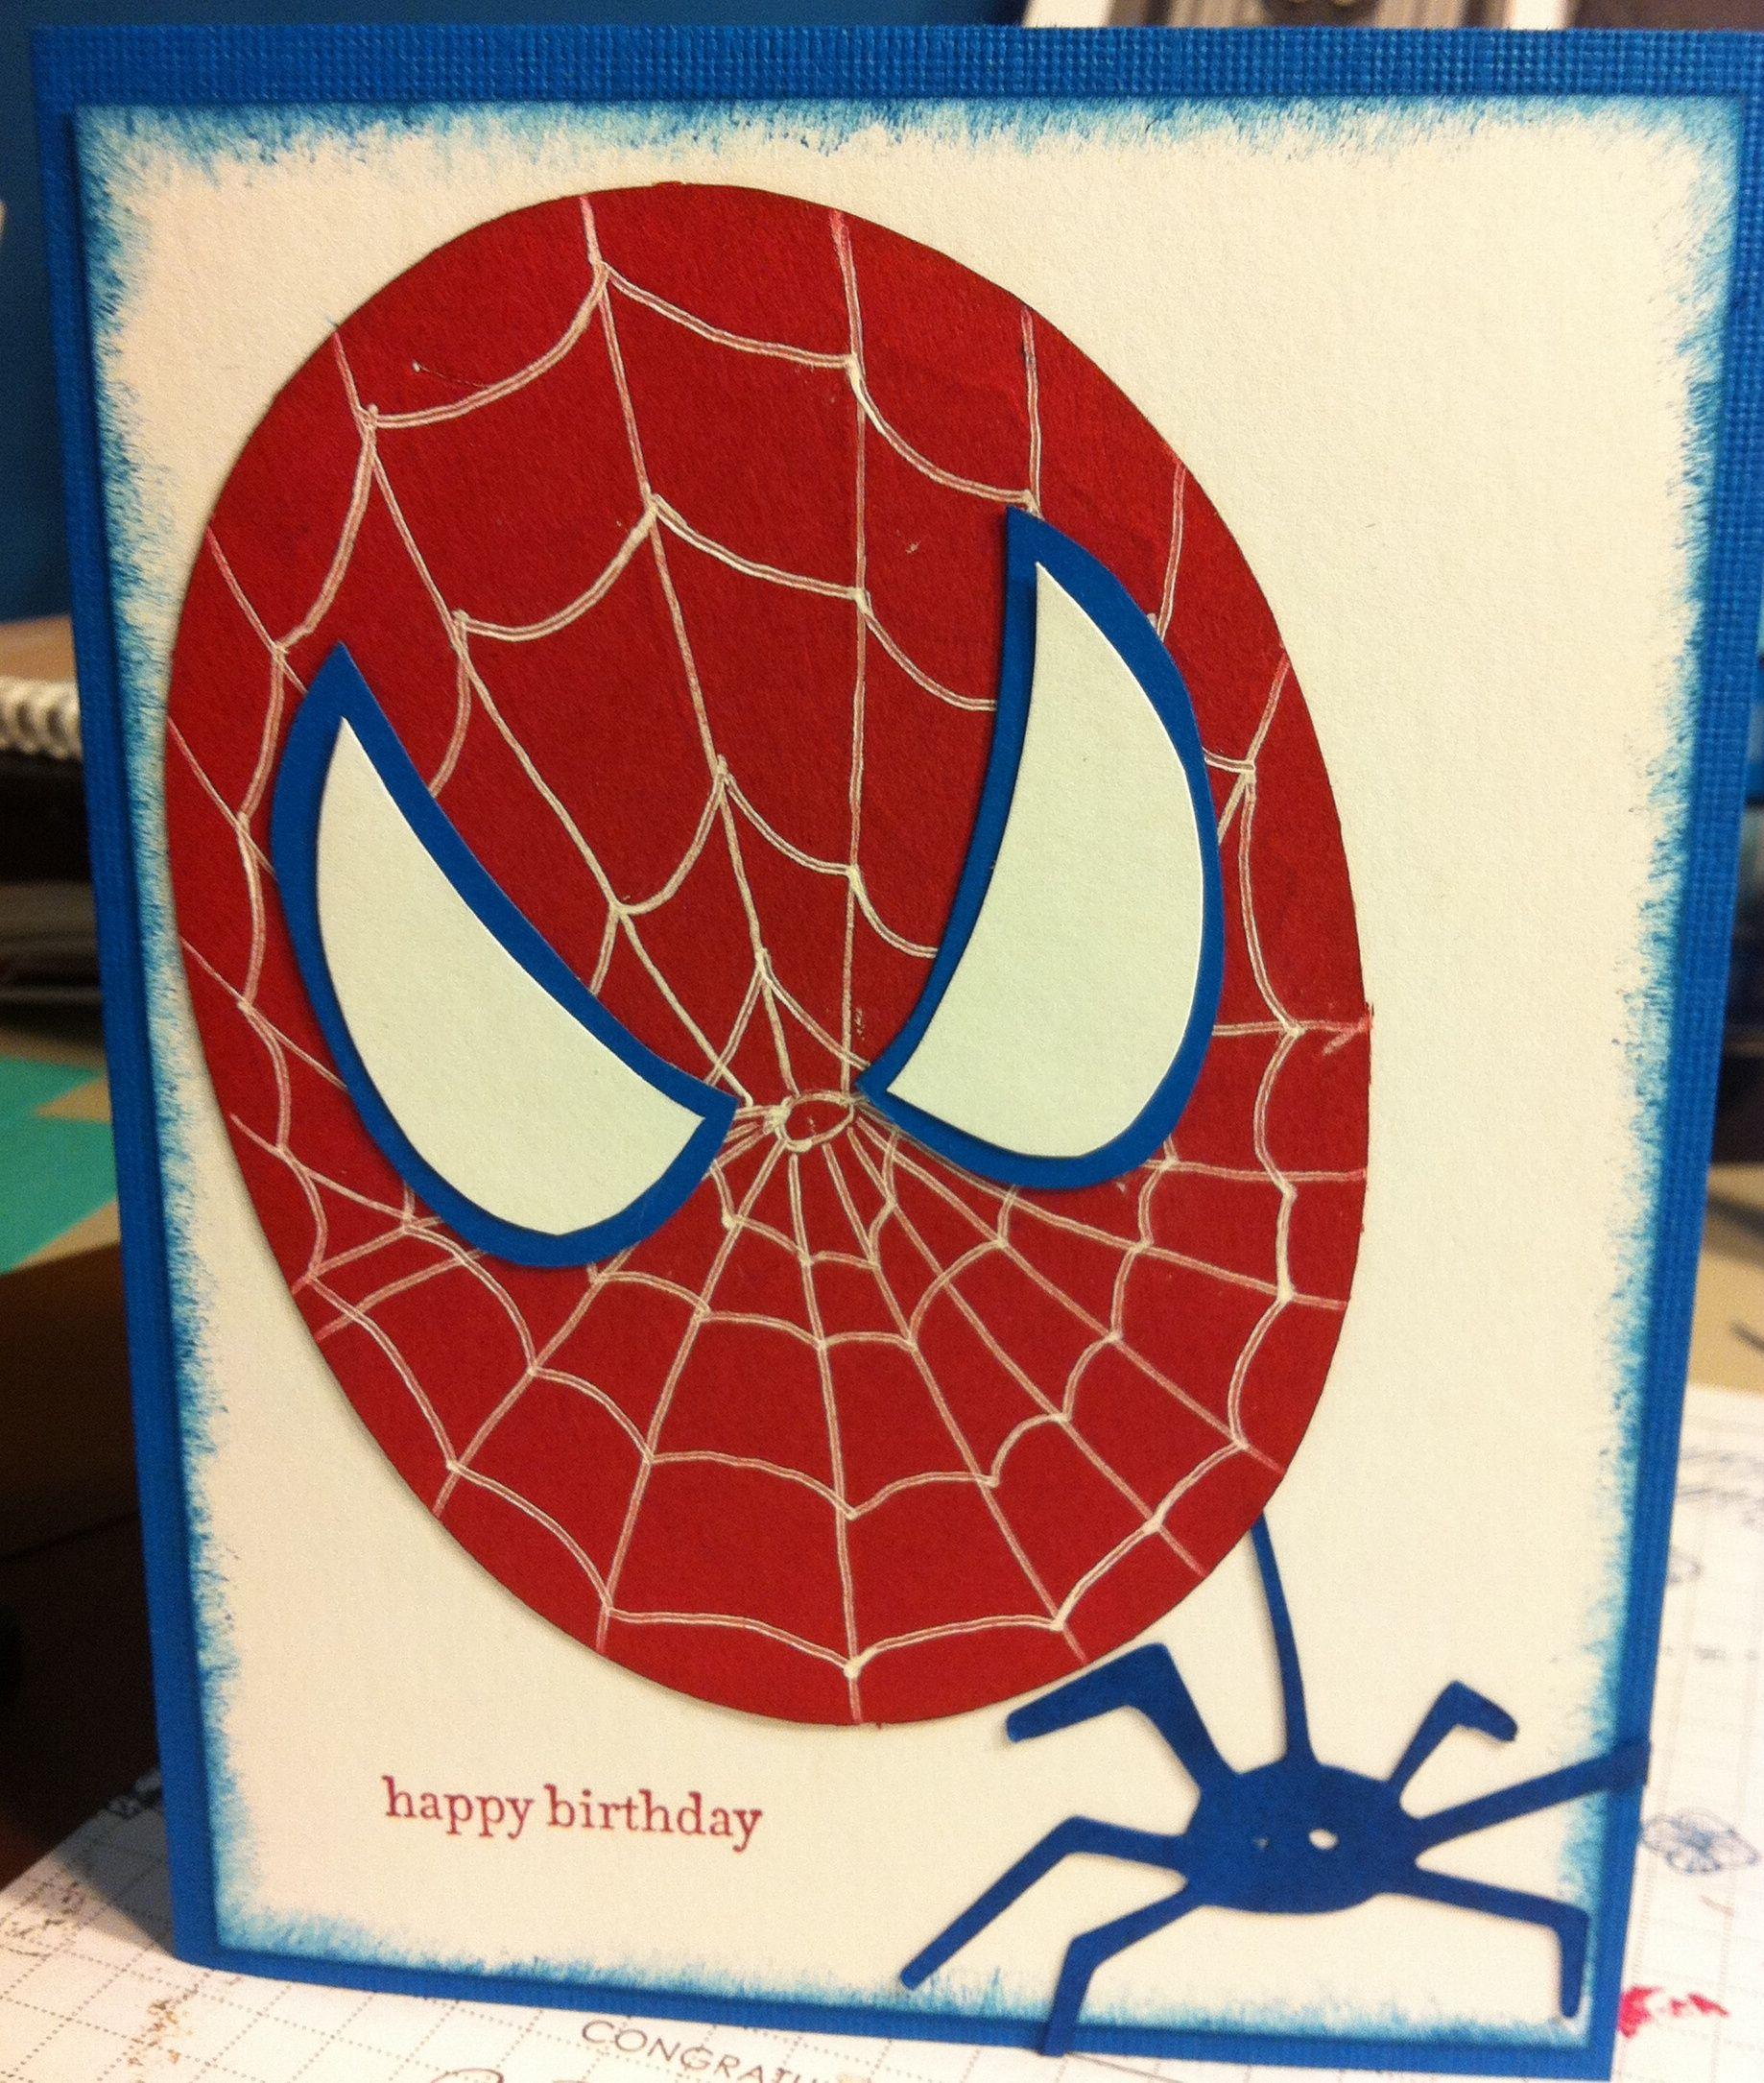 Spiderman birthday card | Cards - Baby/Kids | Pinterest | Best ...